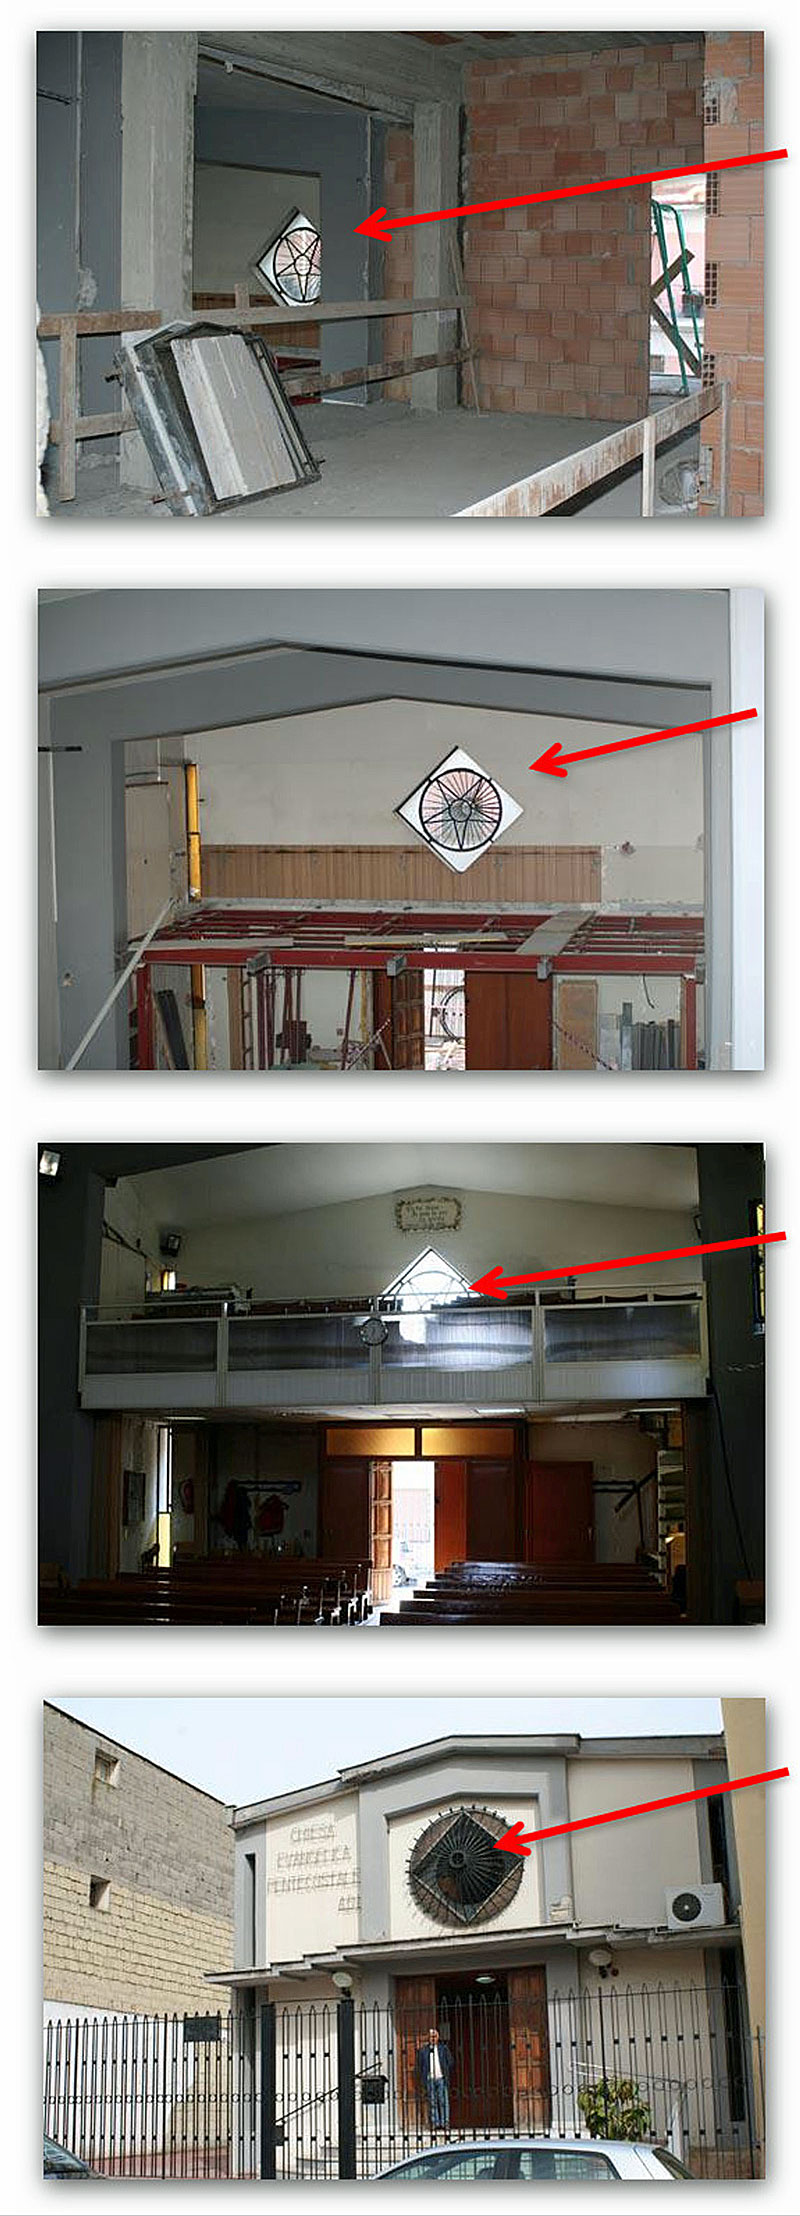 Simbolo-Massonico-nella-Chiesa-ADI-di-Frattamaggiore-